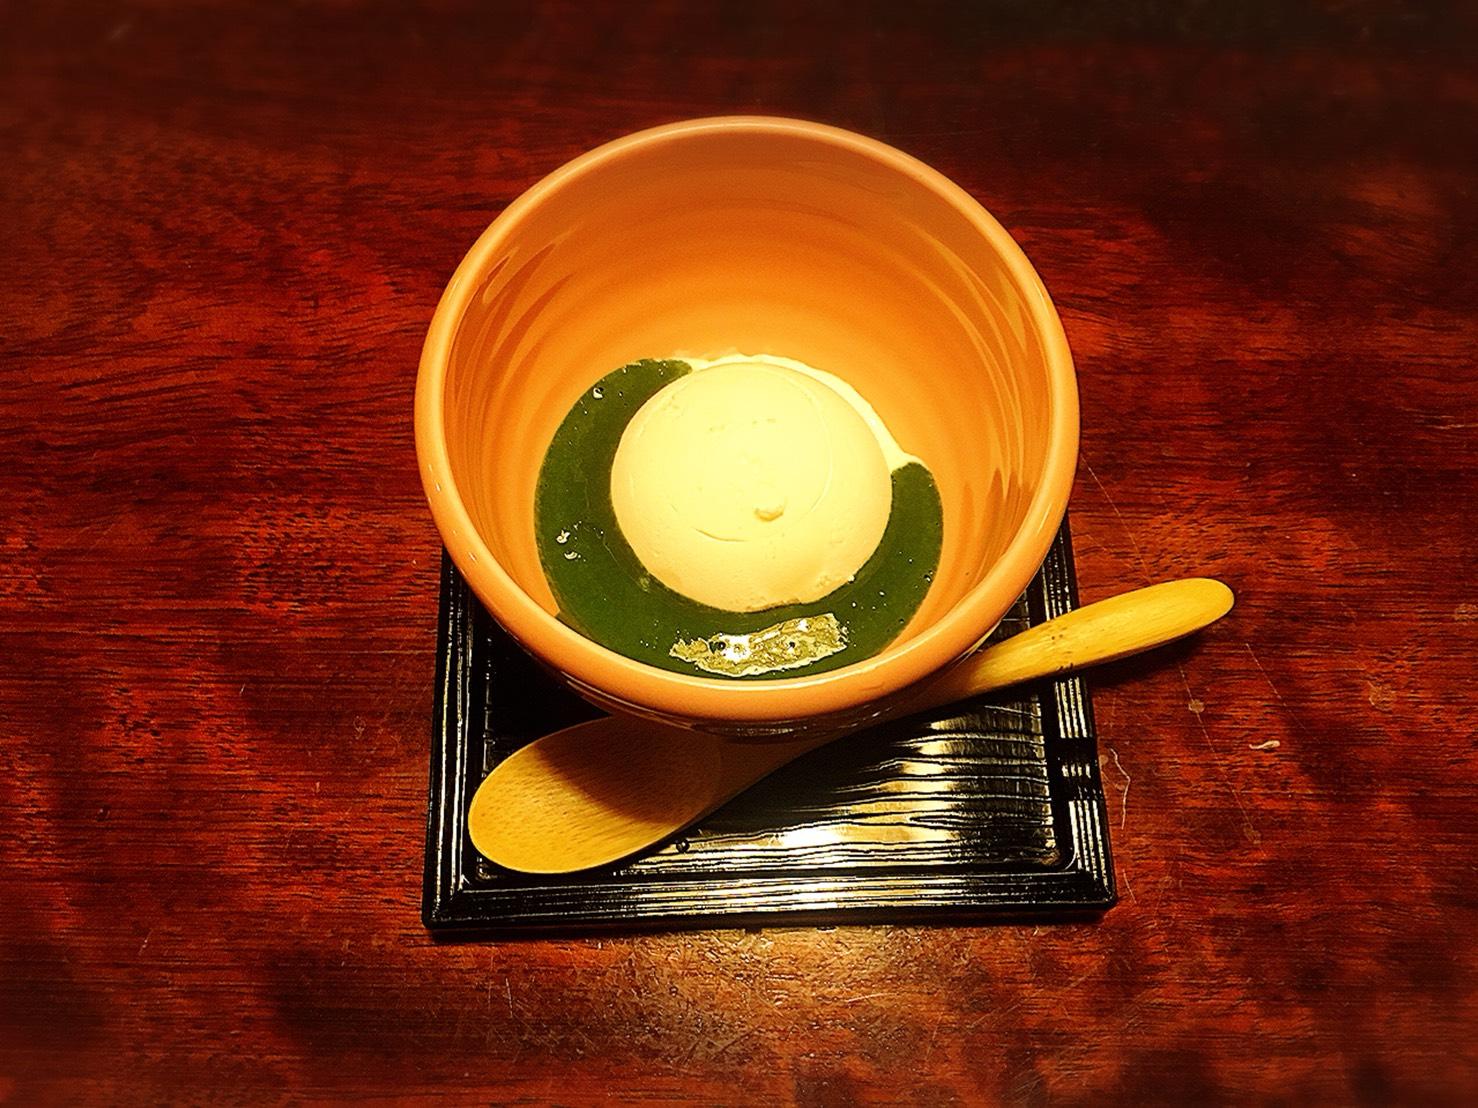 【新宿駅】贅の極み!蟹ざんまいで蟹に溺れる贅沢体験!豪華絢爛な「かに道楽」のかにしゃぶ会席冬景色の抹茶掛けアイス